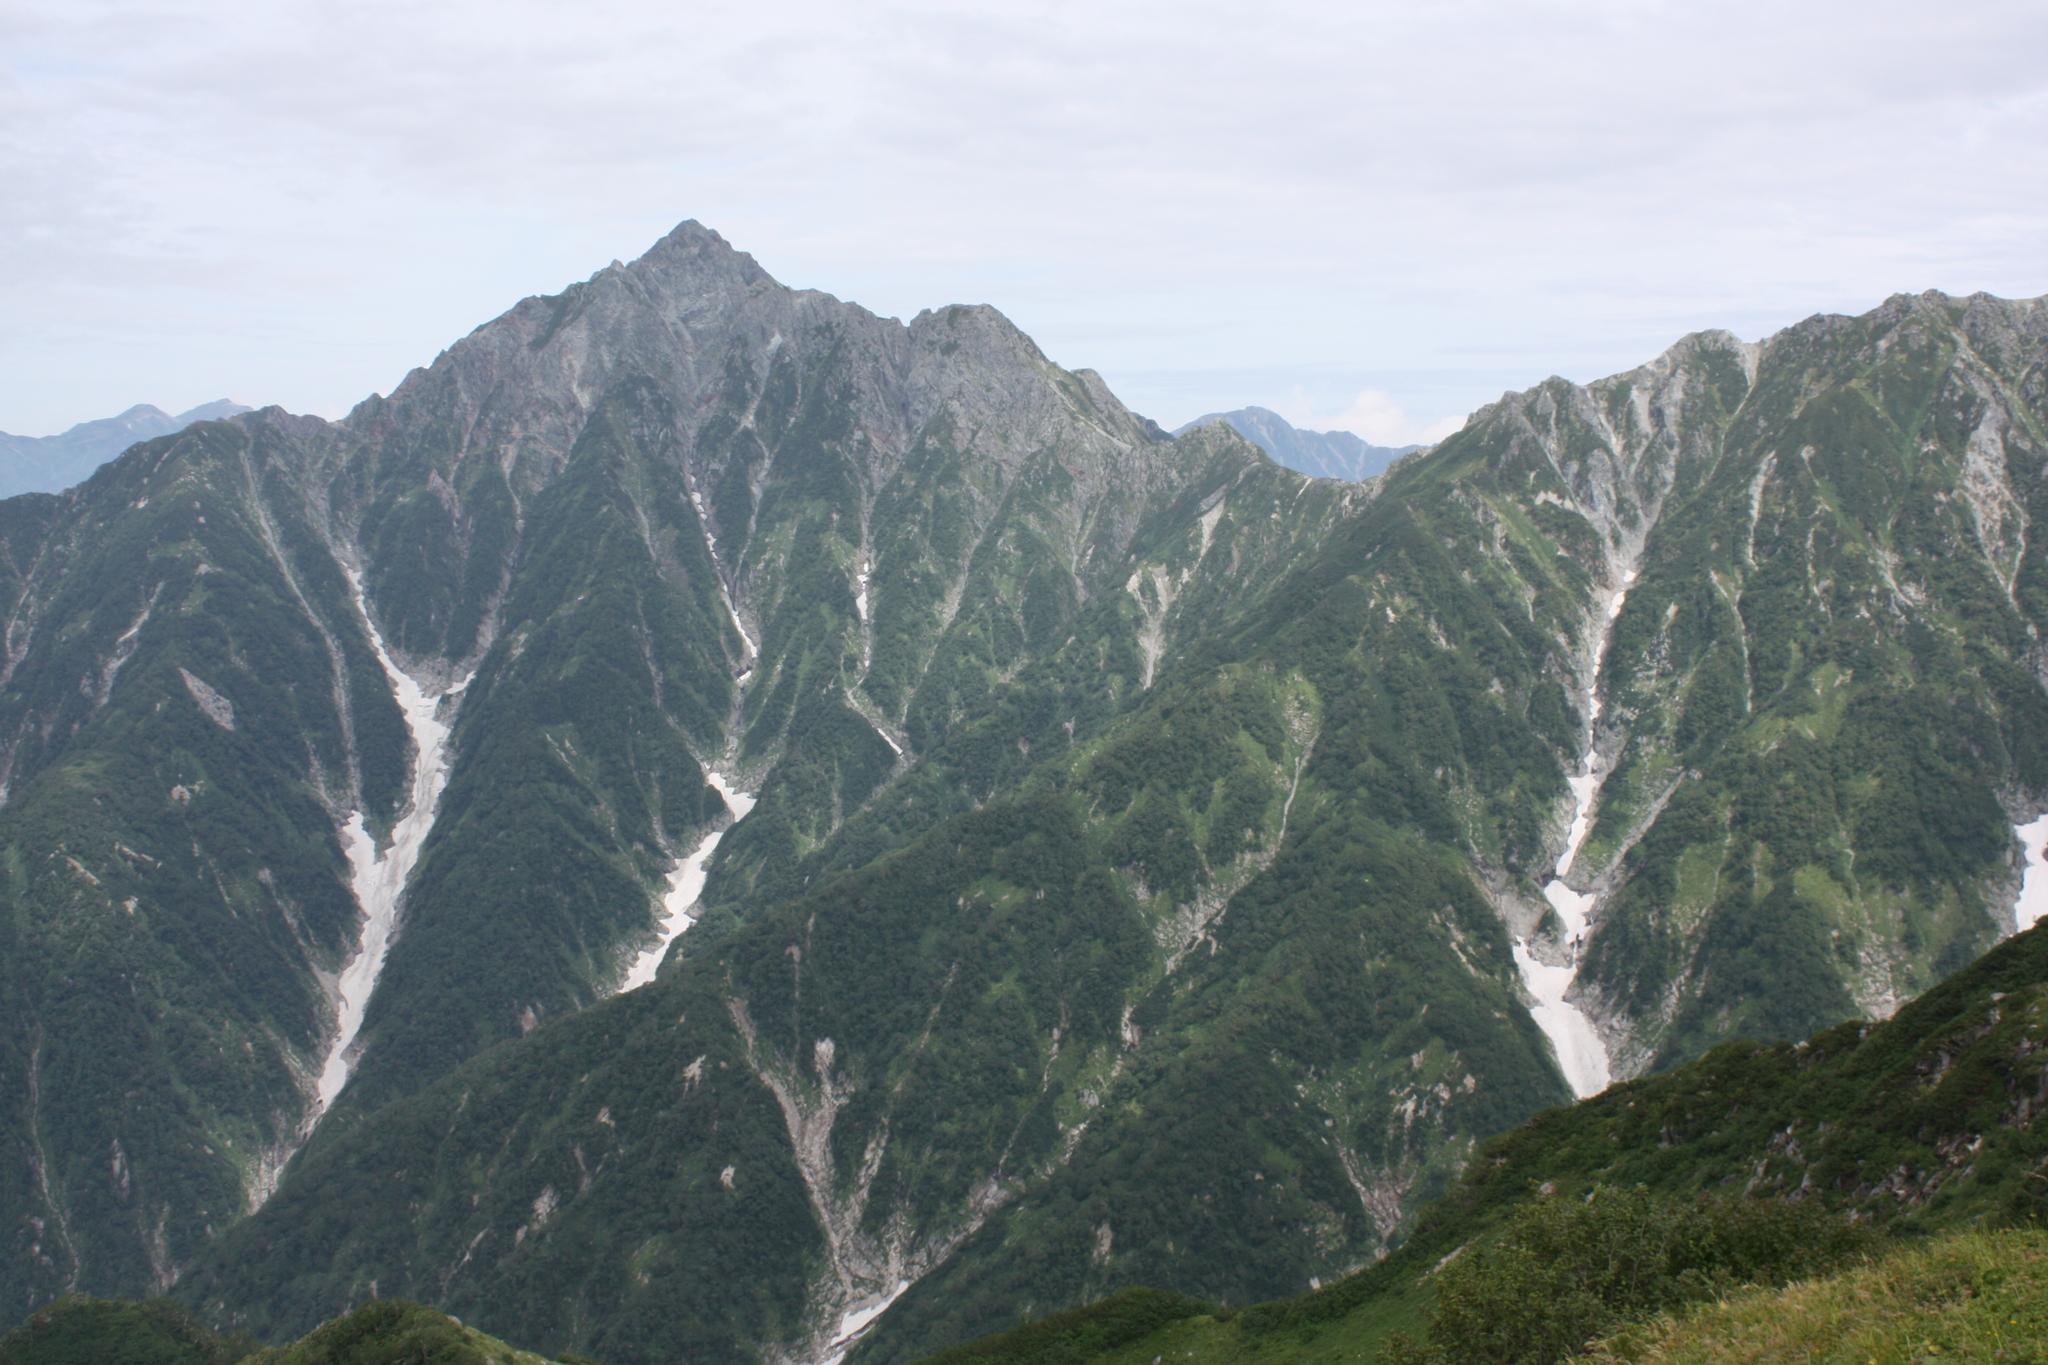 立山スペシャル Eコース<br>荒々しい剱岳西面と立山を眺めるパノラマ縦走<br>大日三山から称名の滝縦走 3日間